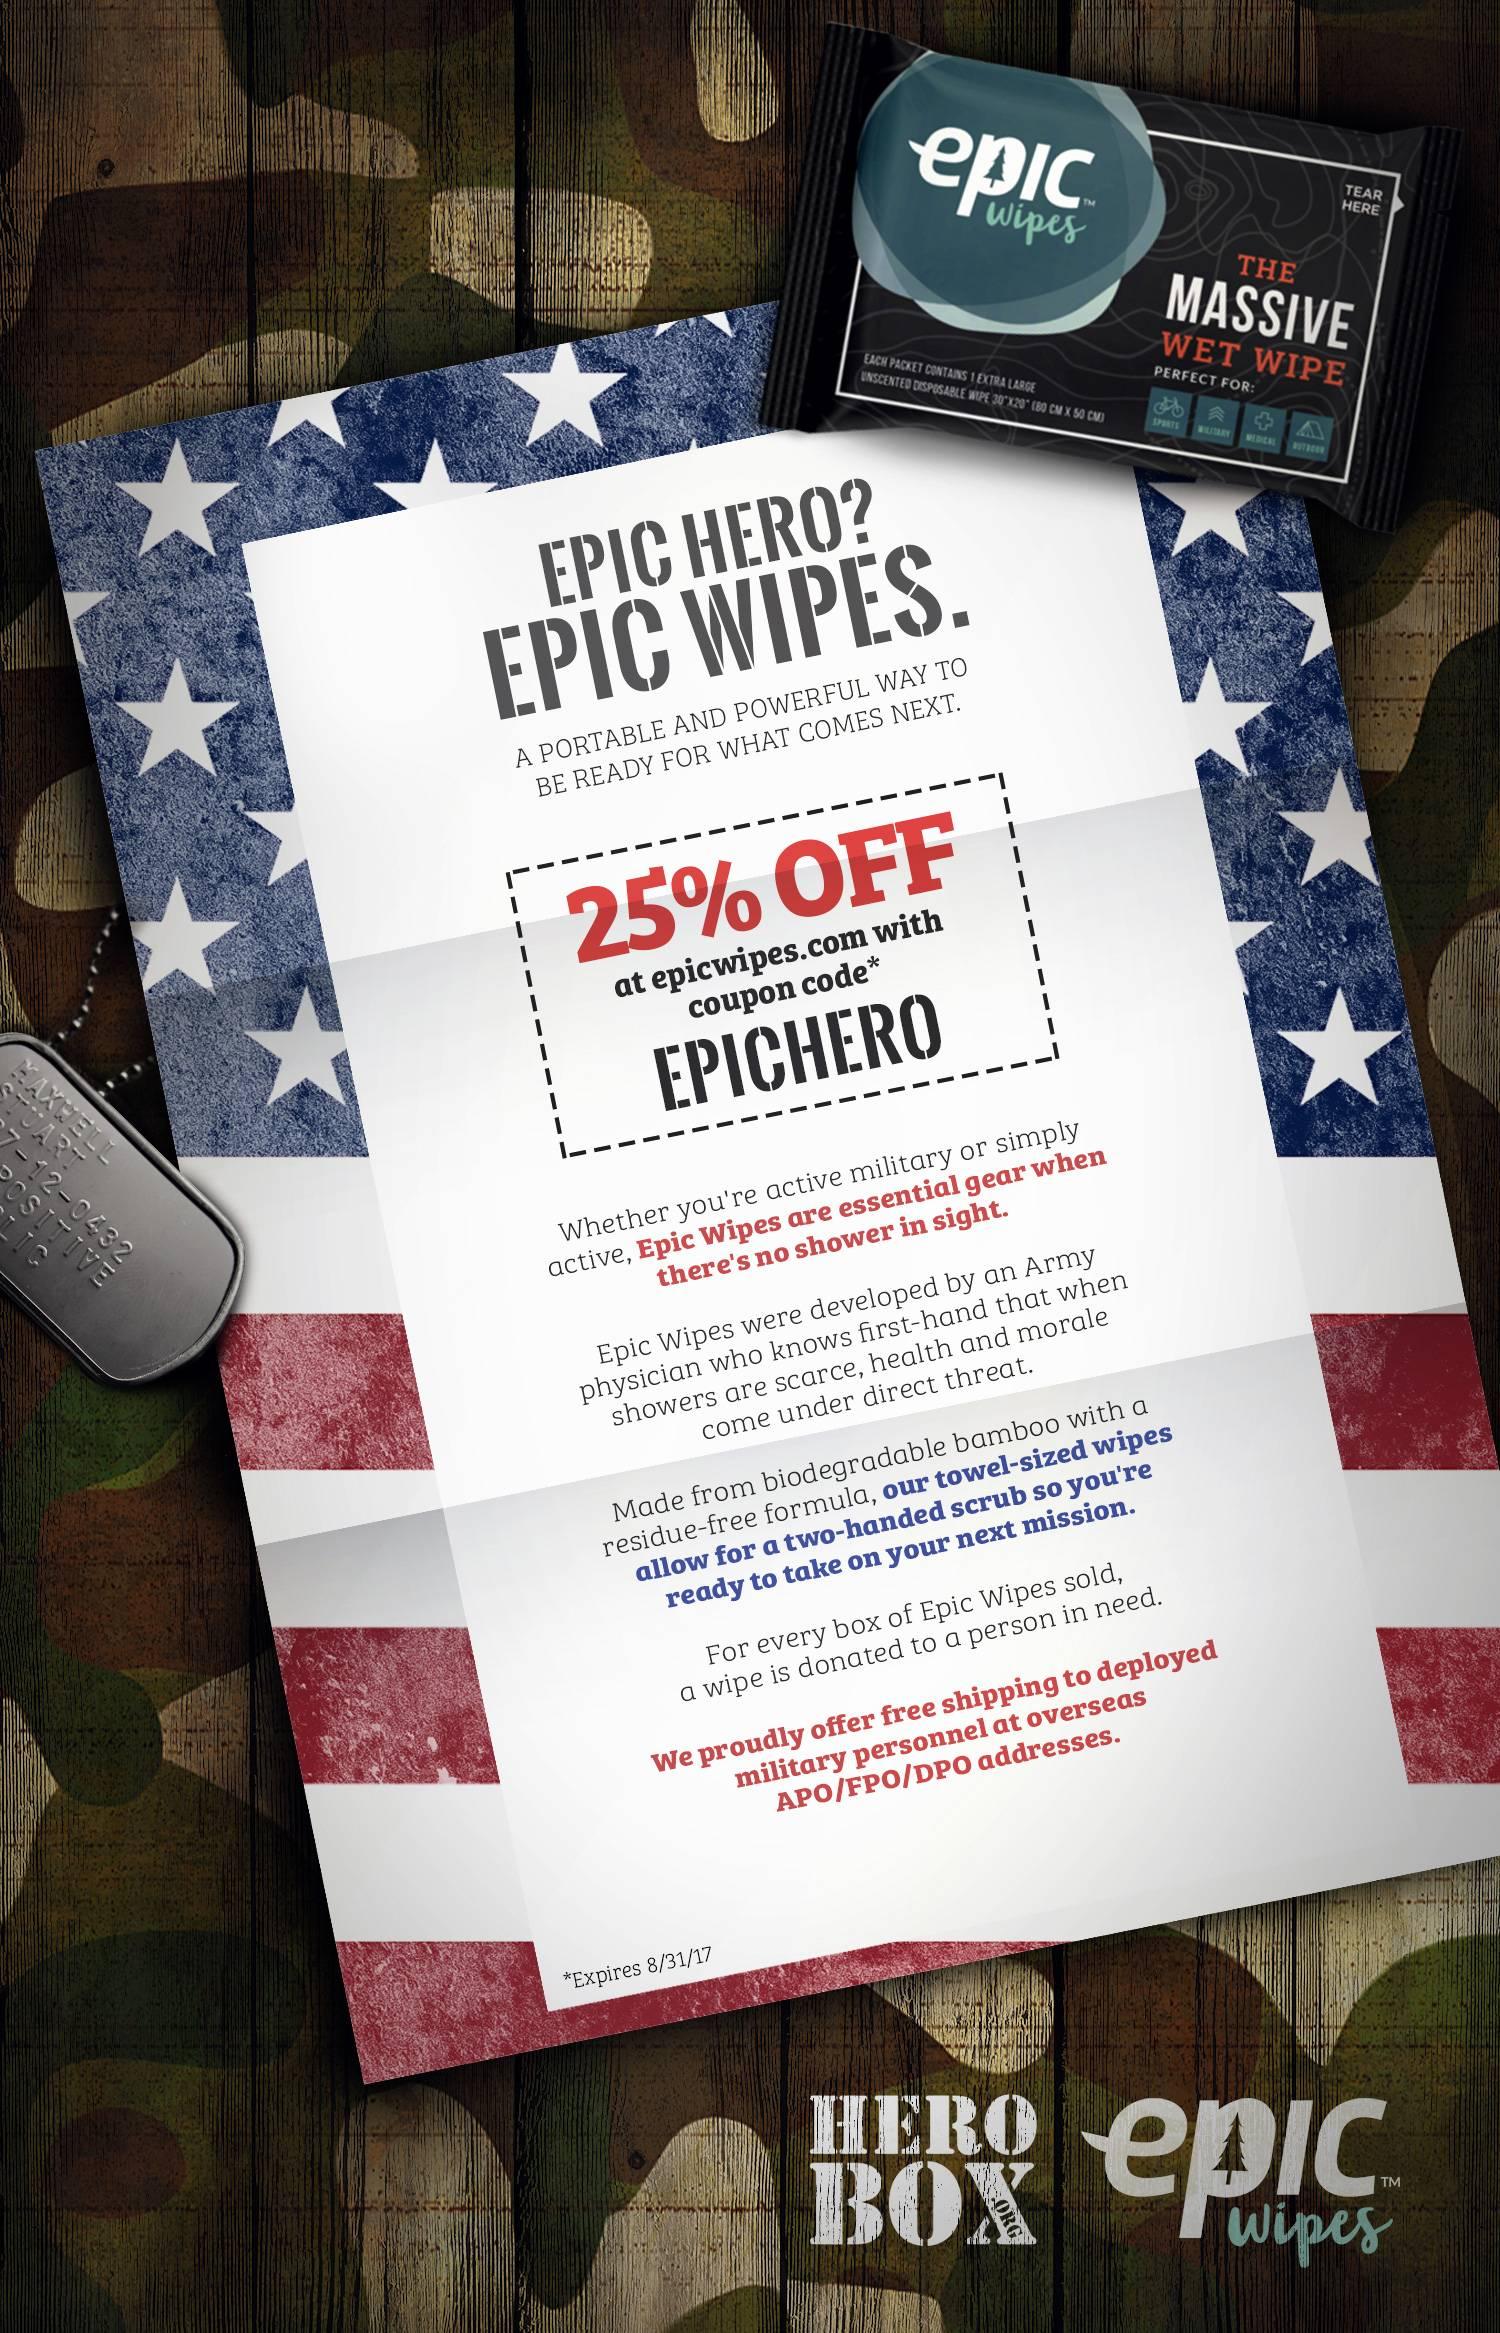 Epic Wipes Partnership!